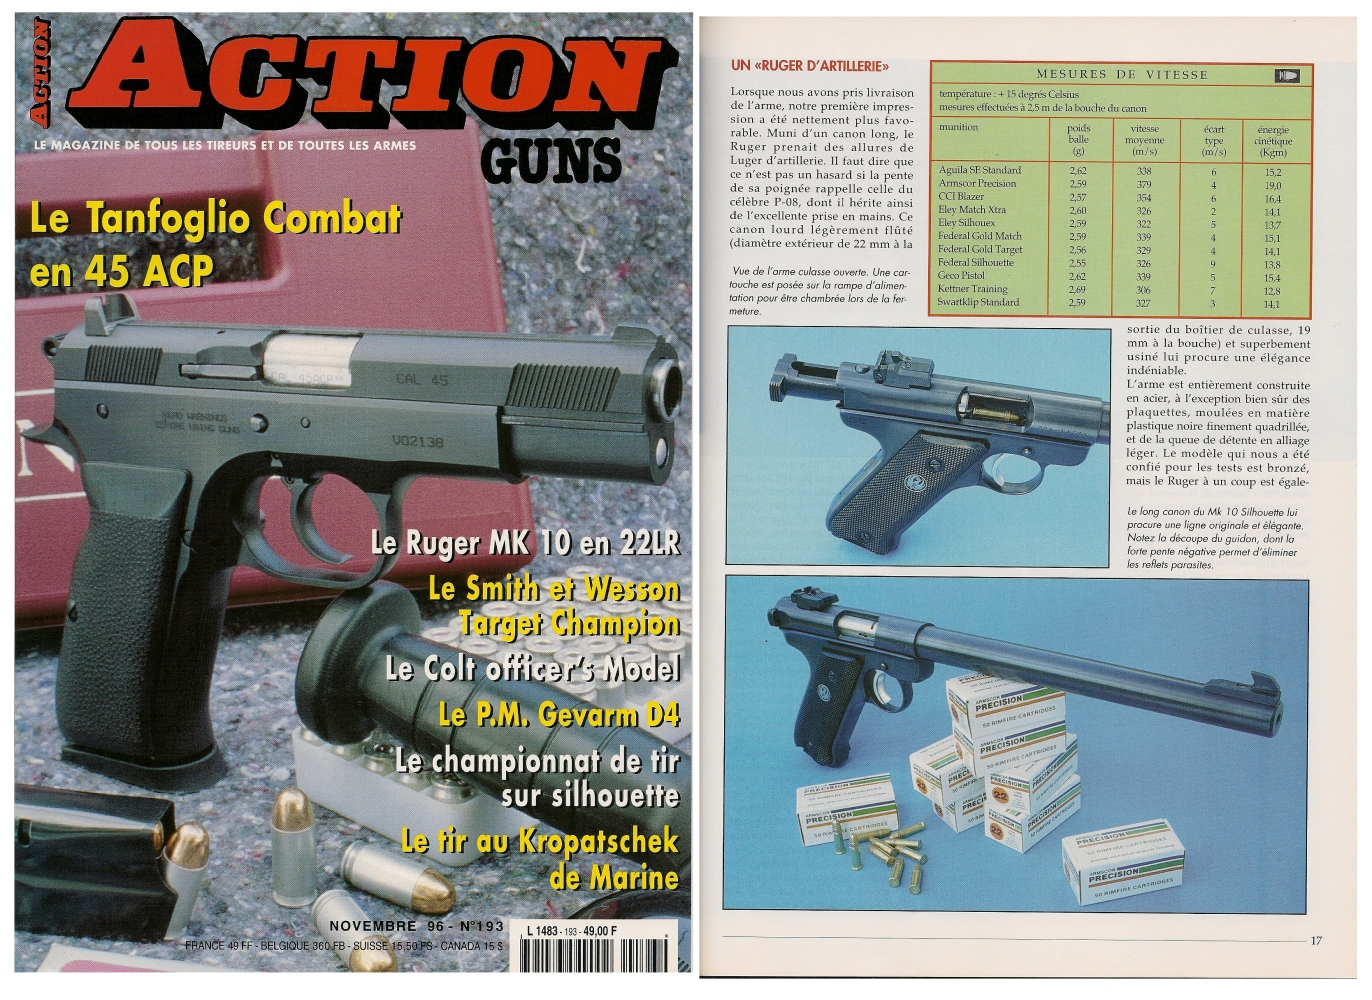 Le banc d'essai du pistolet Ruger Mark 10 Silhouette a été publié sur 5 pages dans le magazine Action Guns n°193 (novembre 1996).